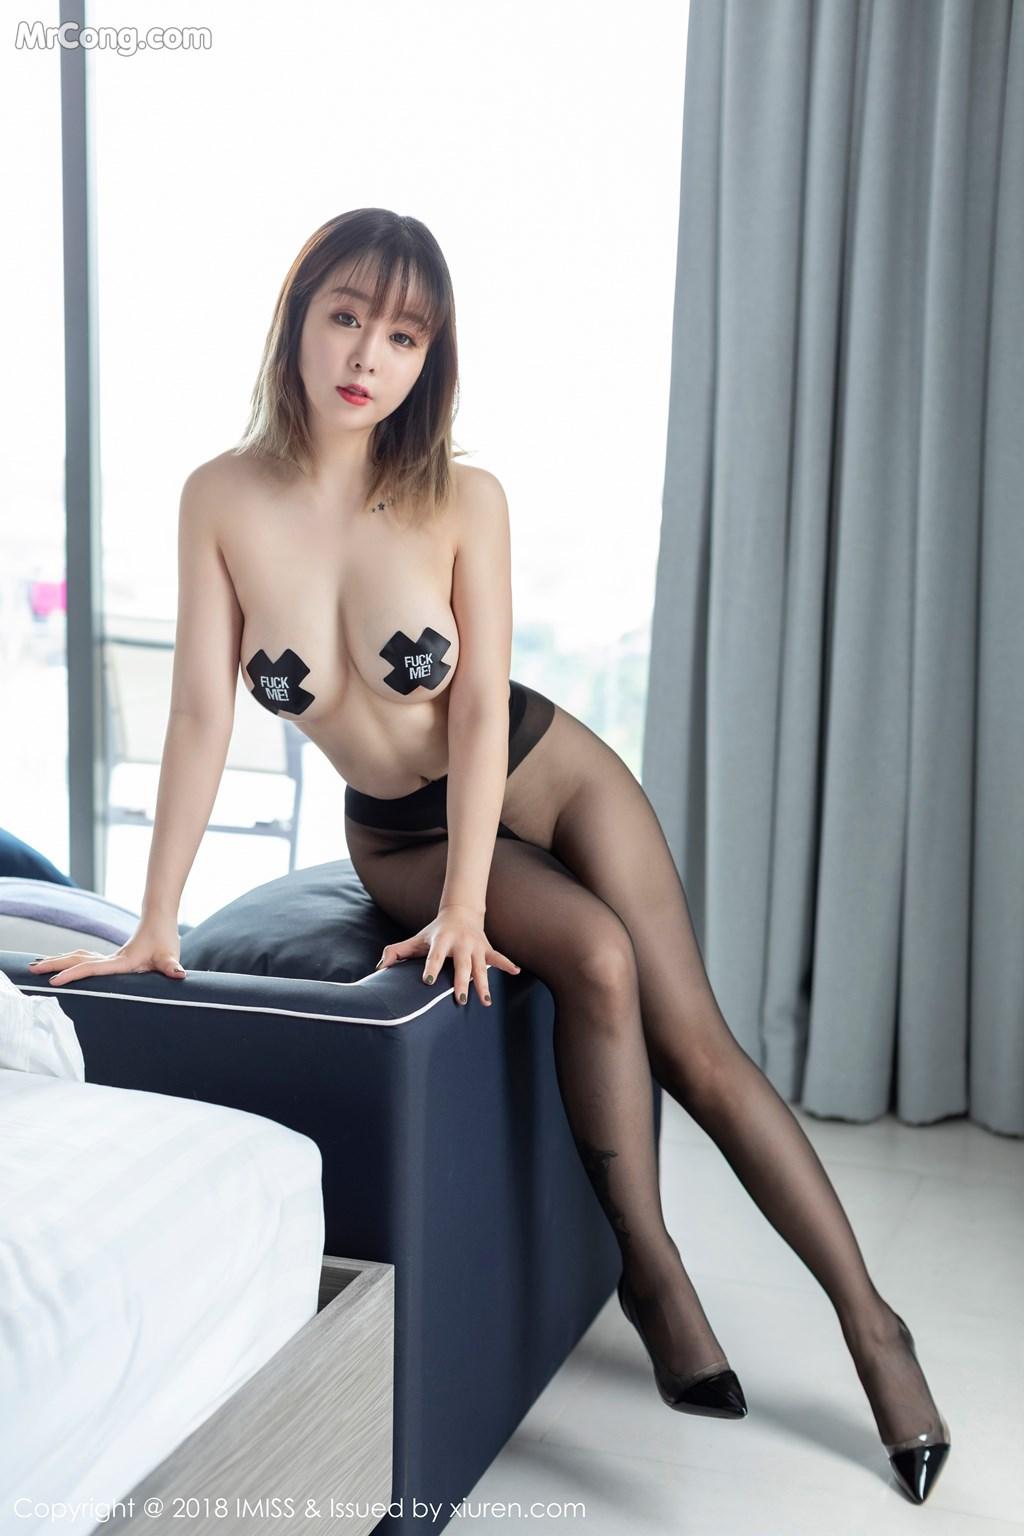 Image IMISS-Vol.310-Wang-Yu-Chun-MrCong.com-010 in post IMISS Vol.310: Người mẫu Wang Yu Chun (王雨纯) (37 ảnh)